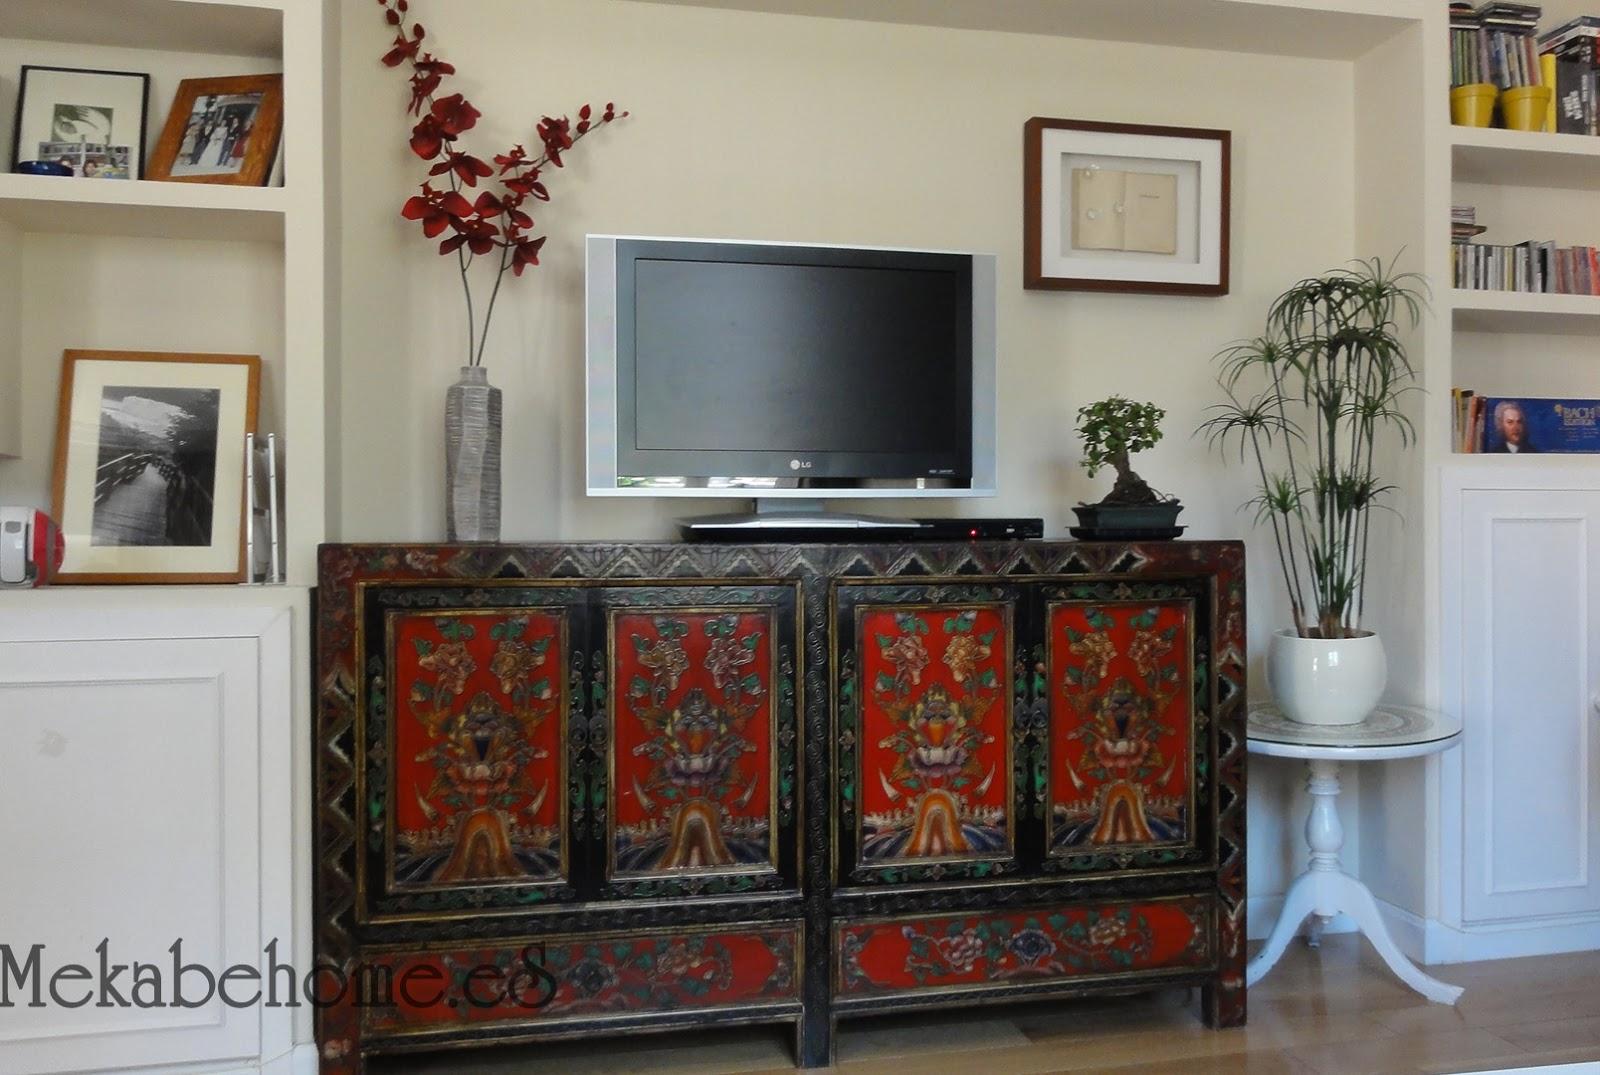 El nuevo hogar de nuestro aparador tibetano mekabe home for Muebles orientales madrid